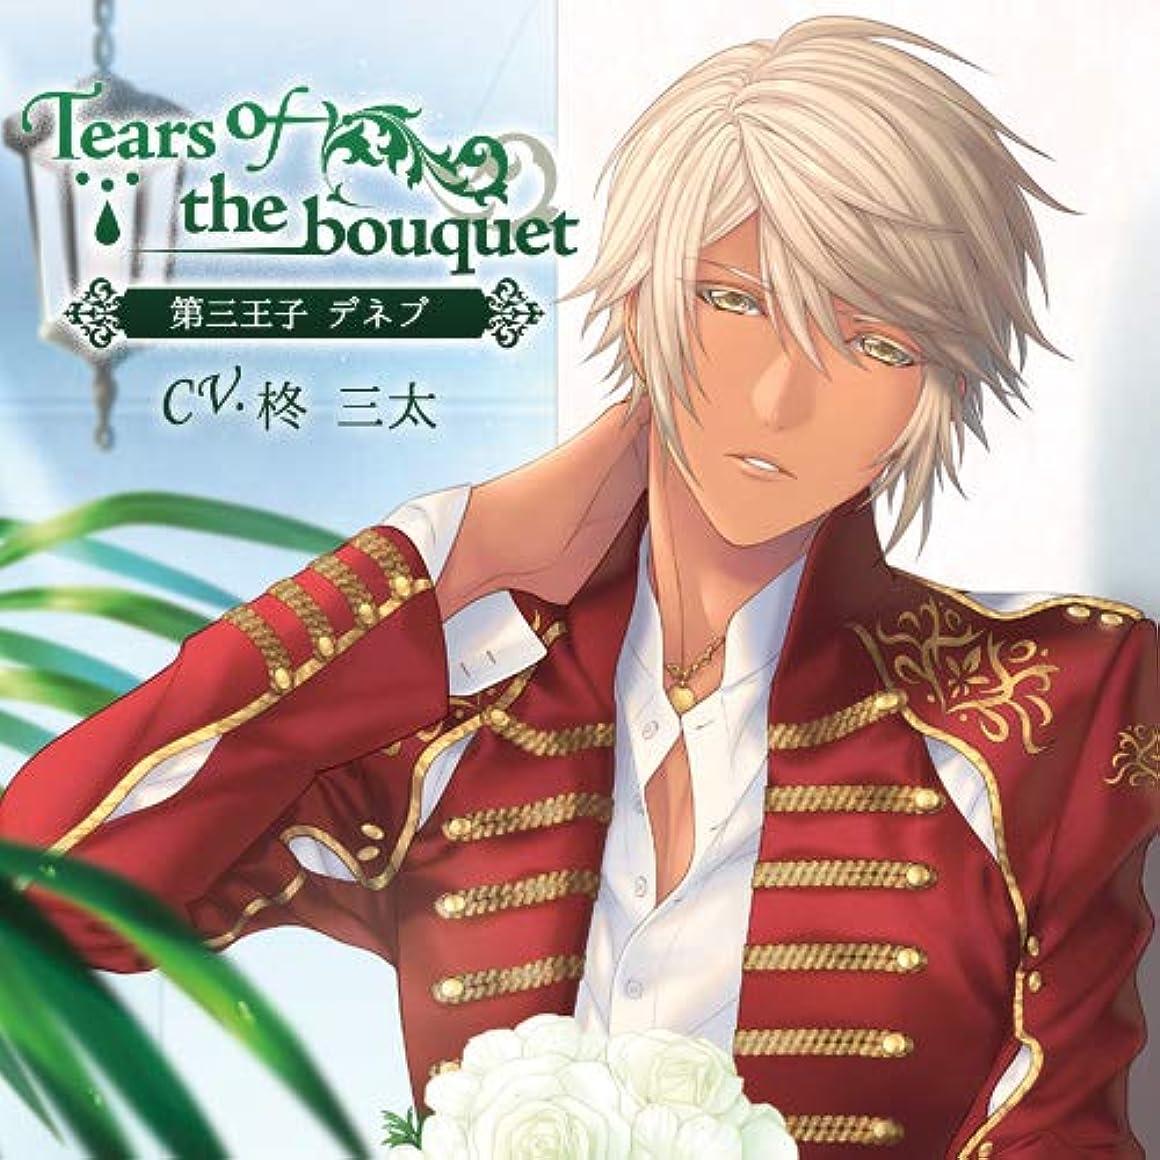 助言誠意告発者「Tears of the bouquet」第三王子 デネブ(CV.柊 三太)